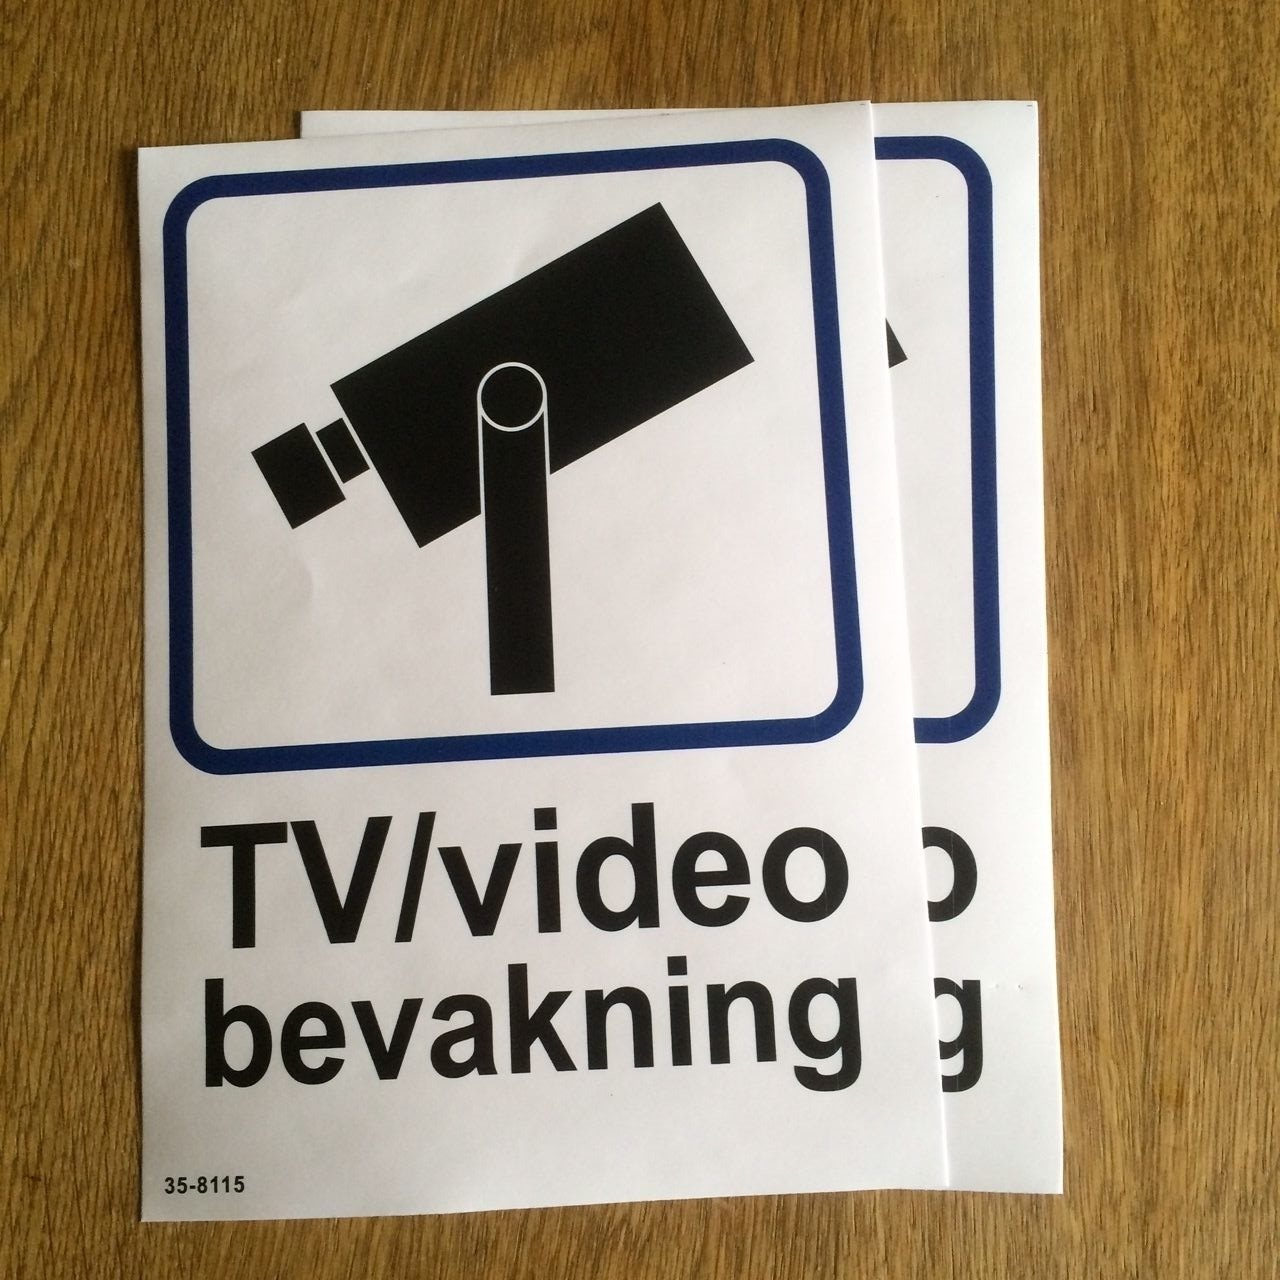 3st Tv- / Video övervakningsskylt självhäftande plast på Tradera.com -